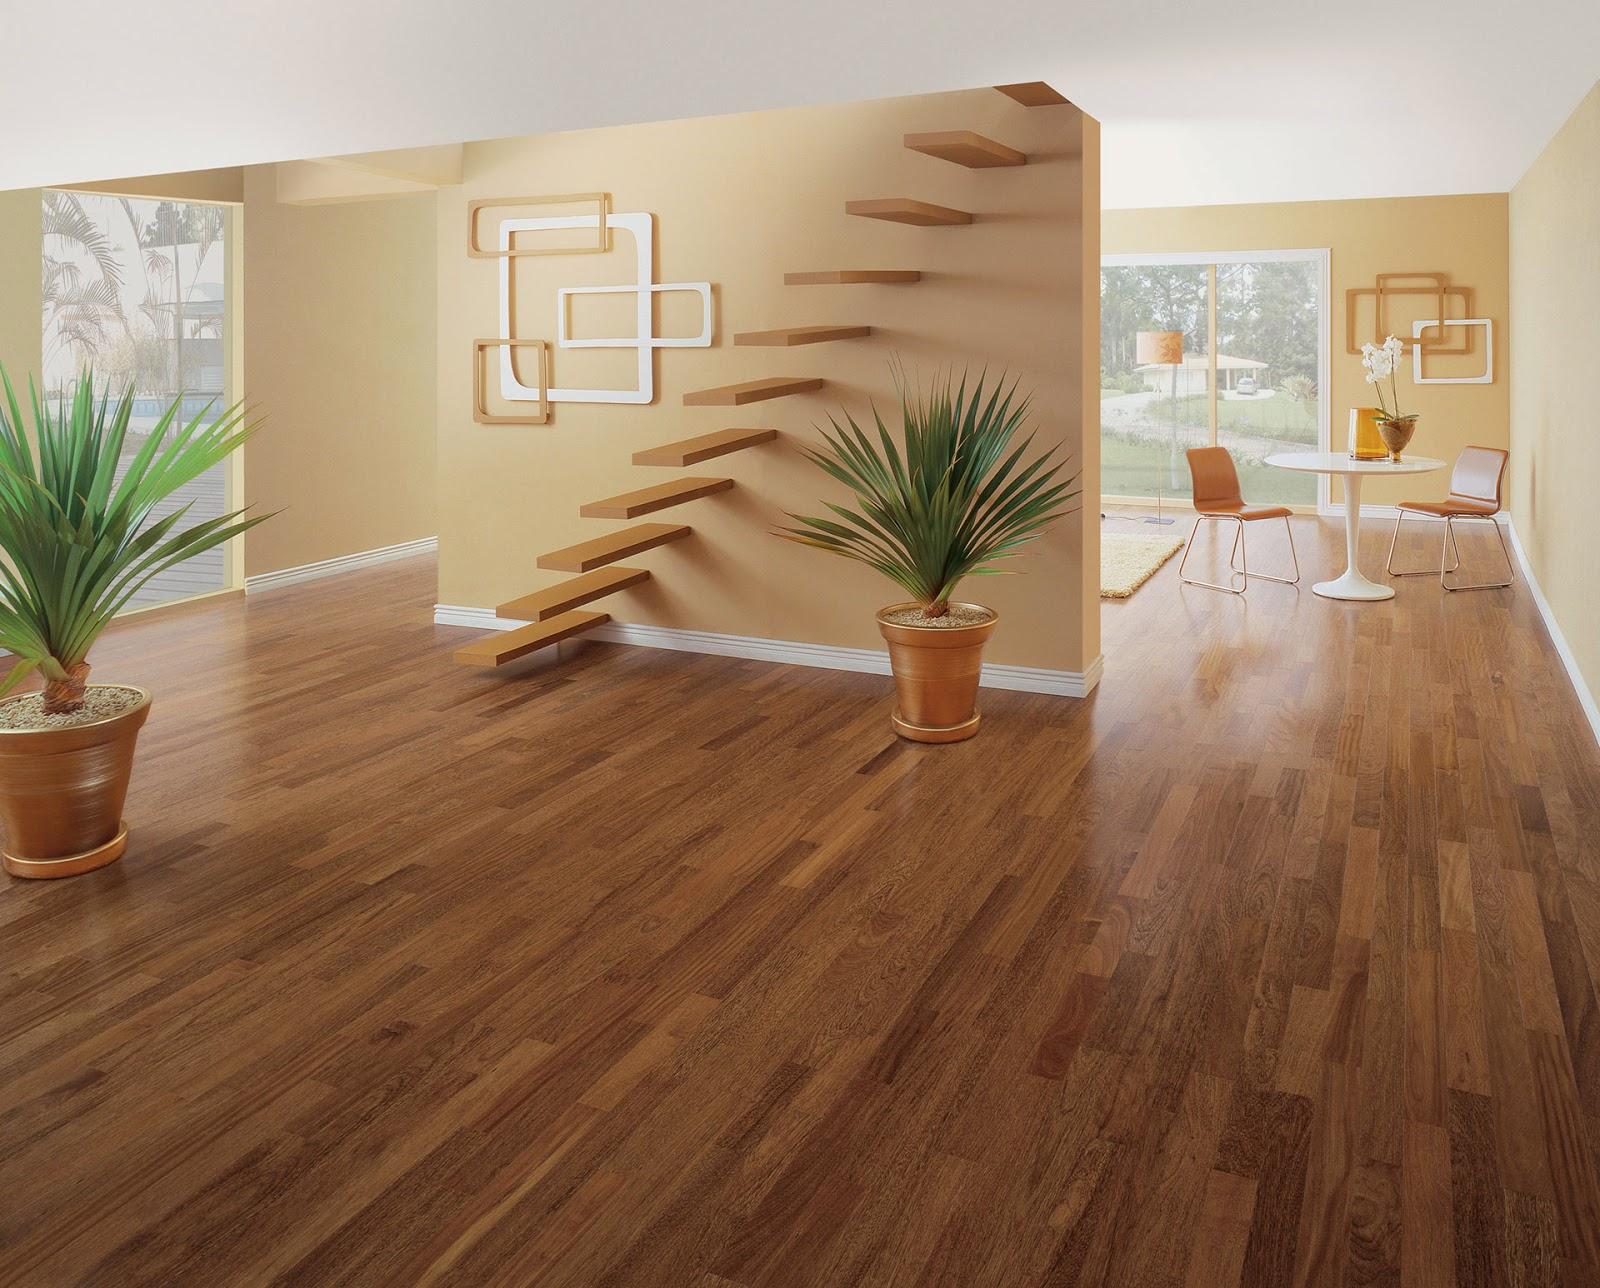 Pisos laminados mexico d f piso laminado tonos madera for Pisos para interiores casas